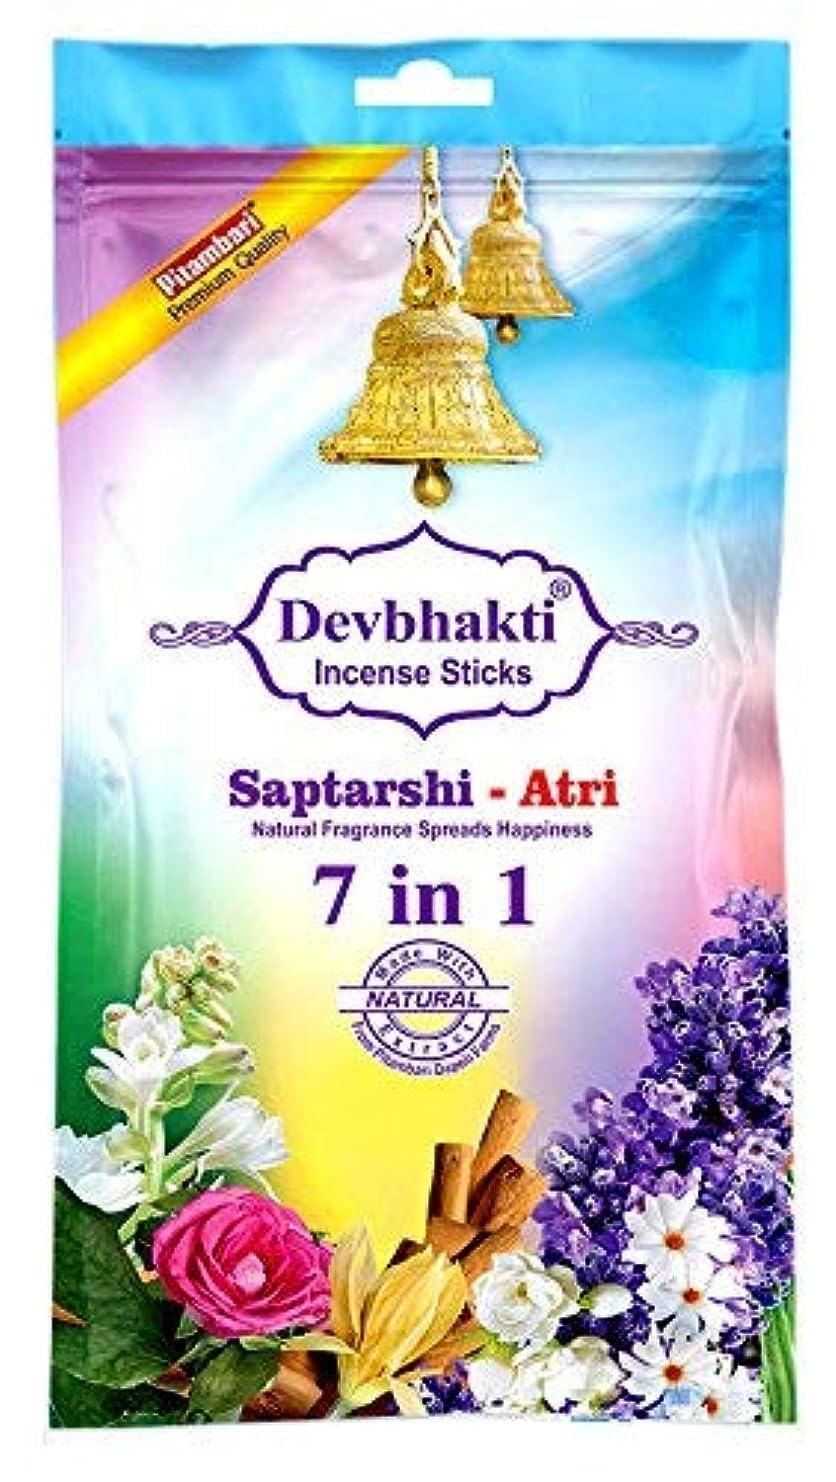 中間シガレット前述のPitambari Devbhakti Saptarshi Atri Agarbatti/Incense Stick Packet, 7 in 1 Combo Pack of 7 Different Fragrances